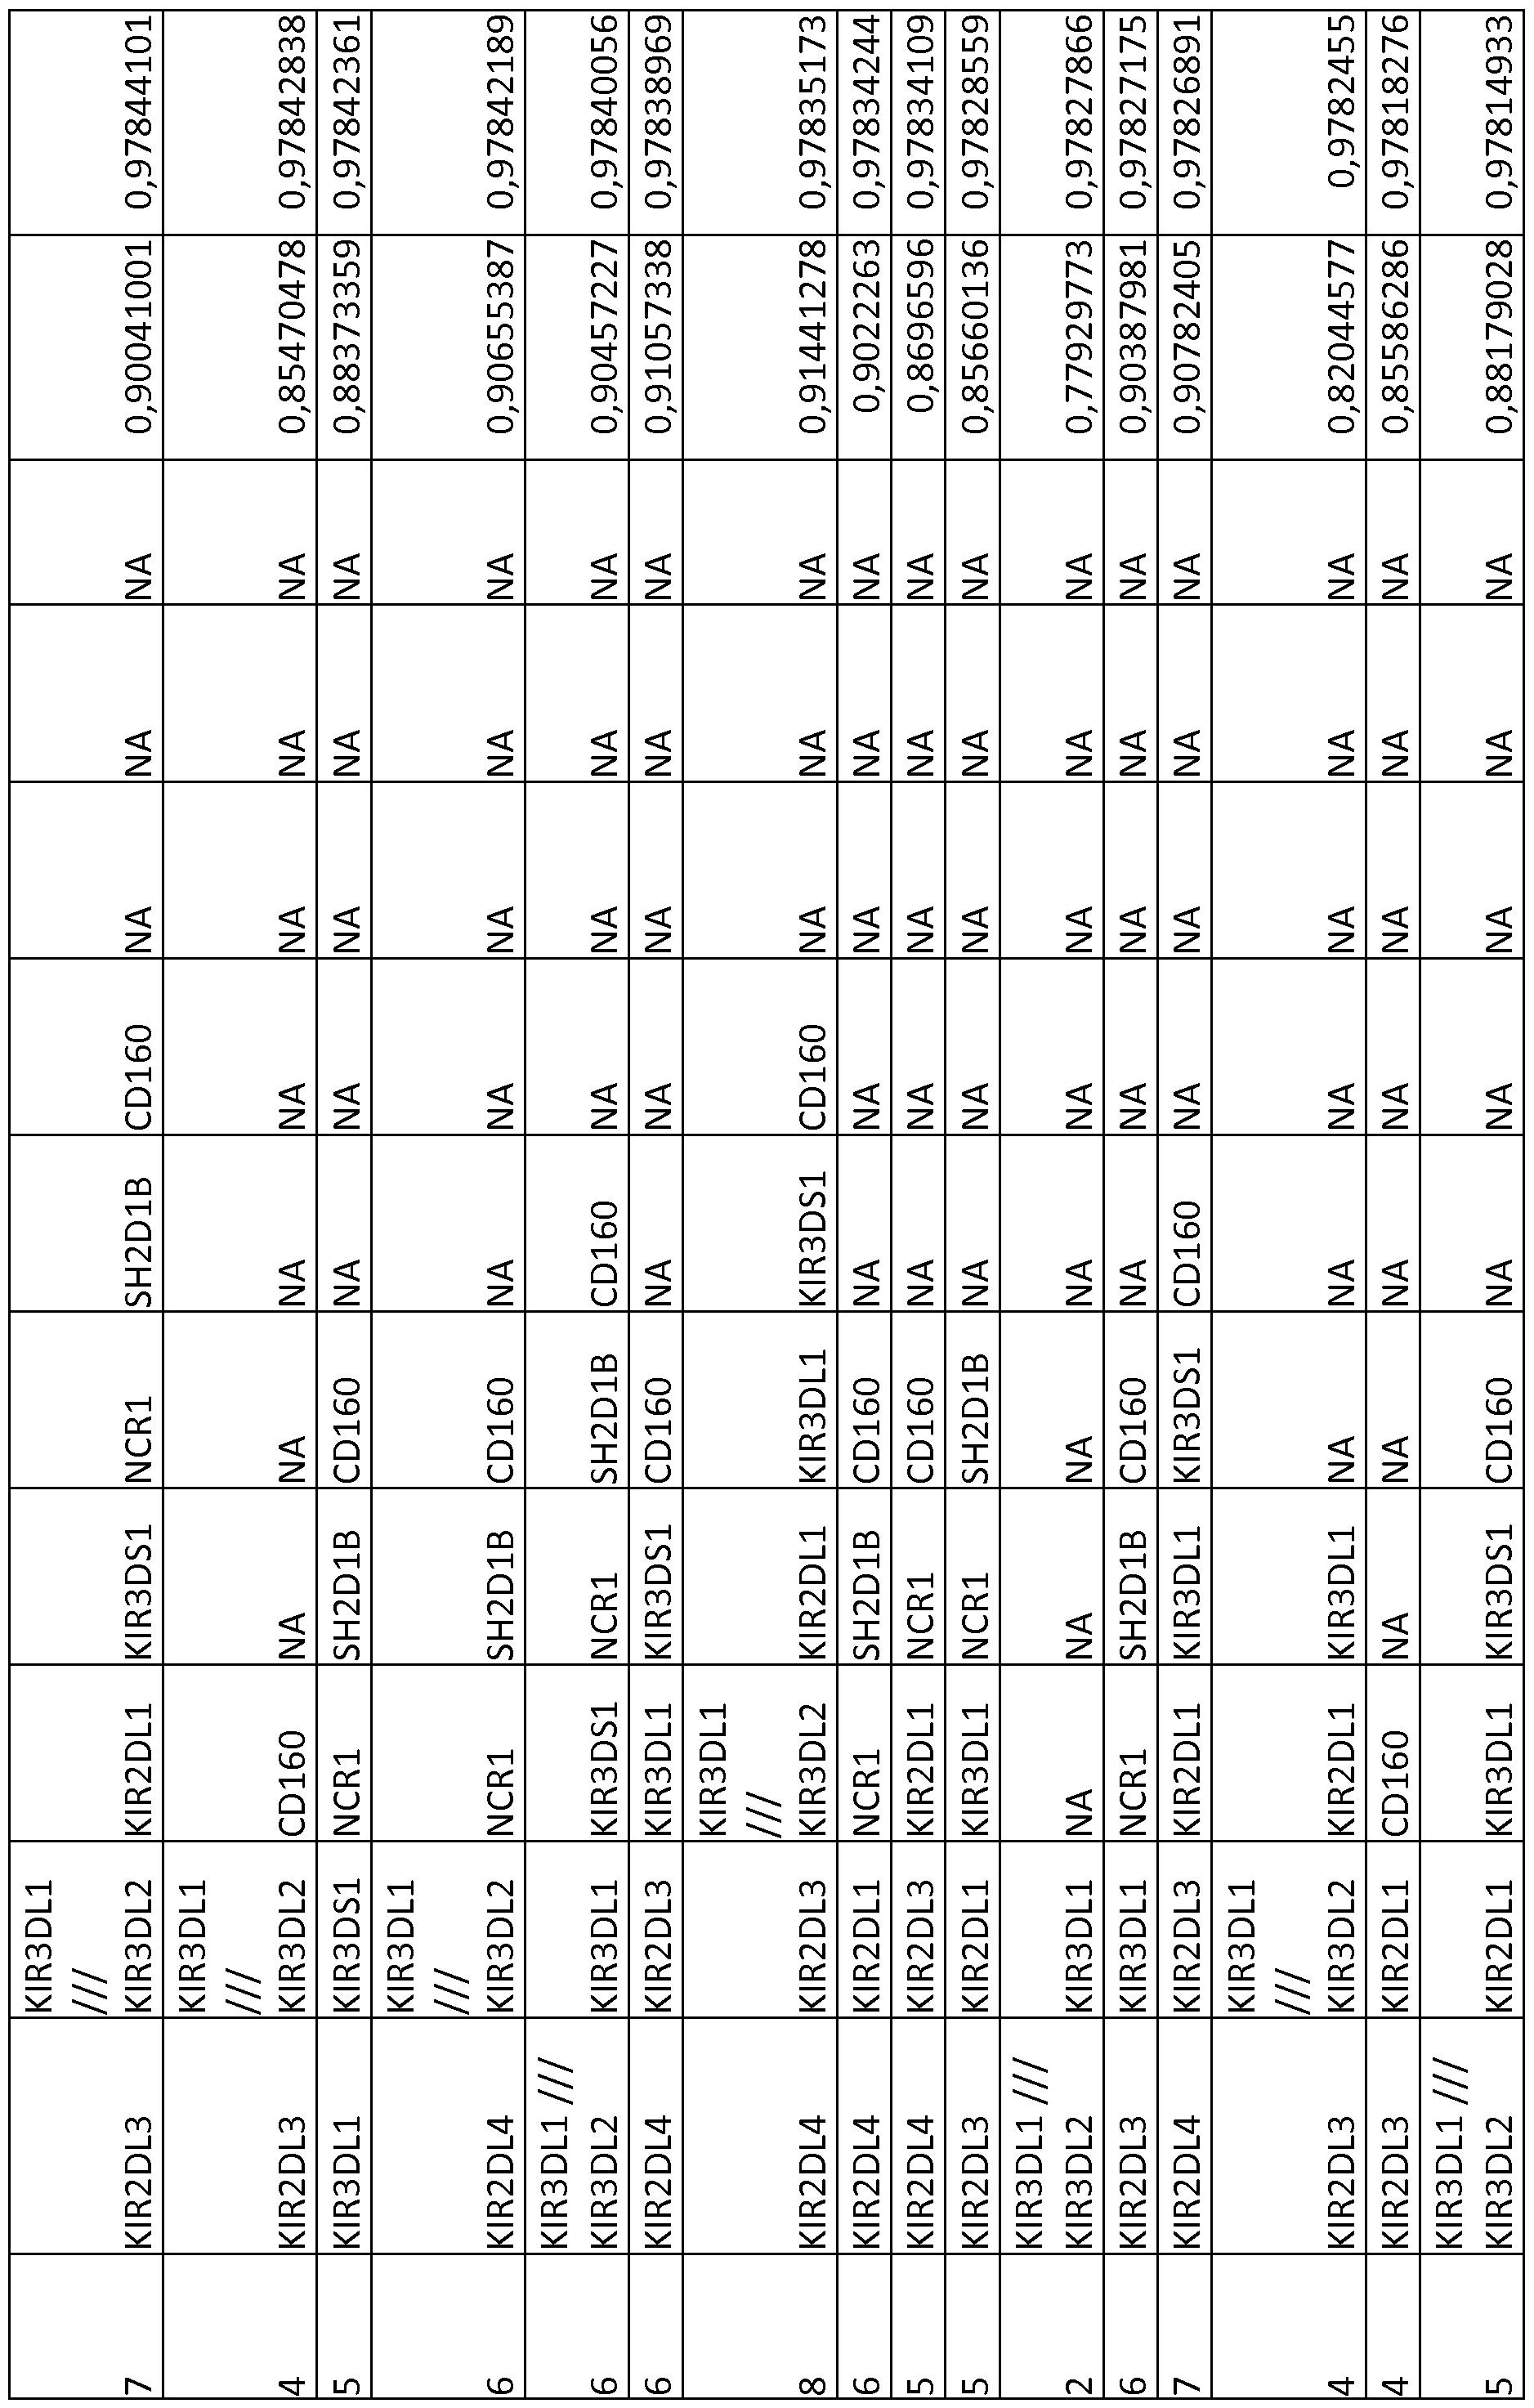 Figure imgf000214_0001